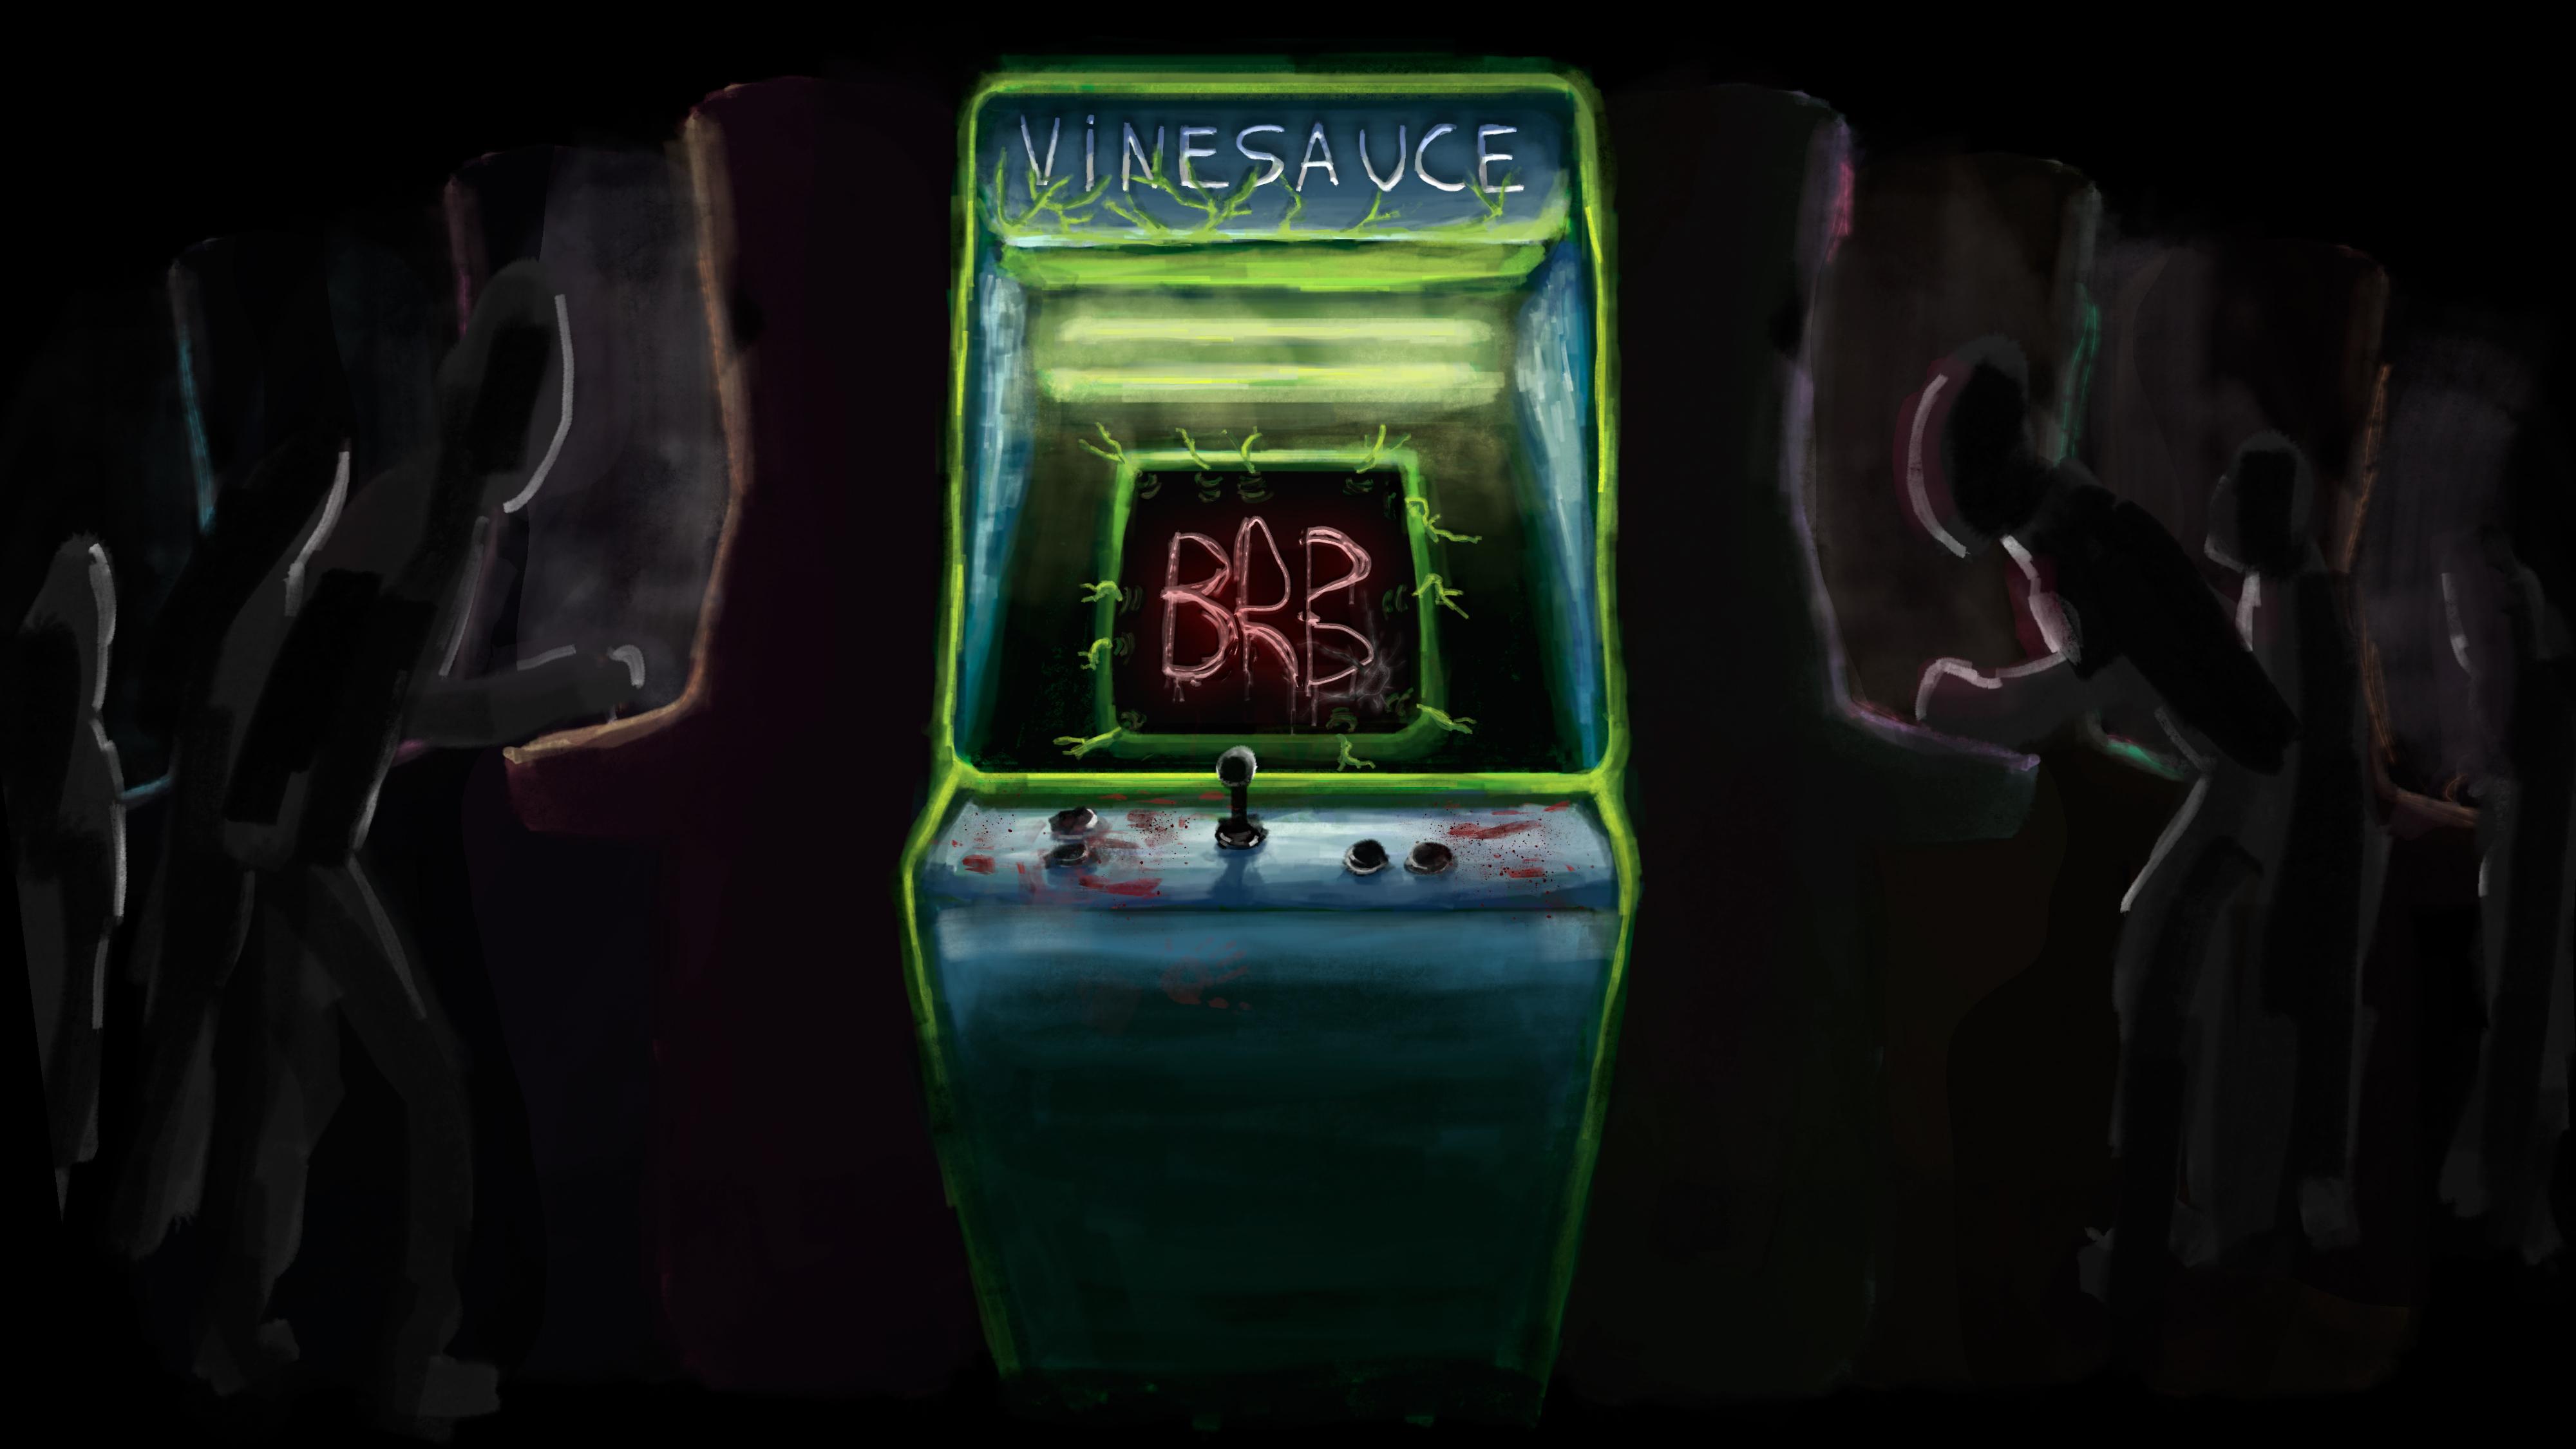 Vinesauce arcade